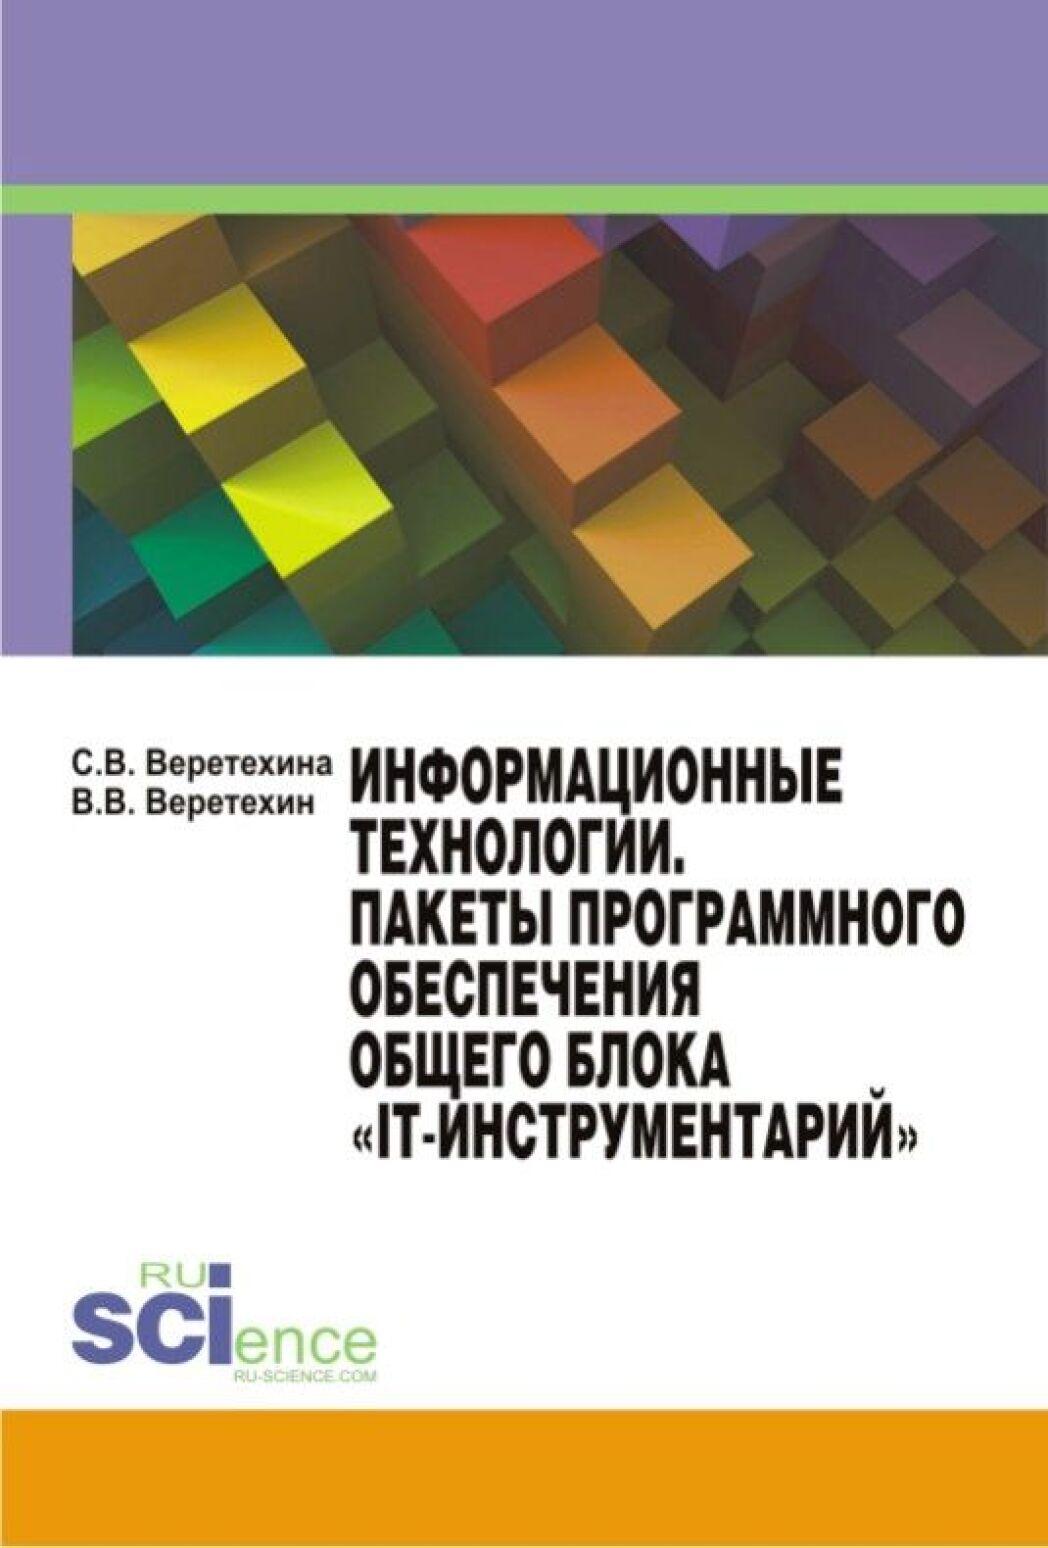 В. В. Веретехин Информационные технологии. Пакеты программного обеспечения общего блока «IT-инструментарий» цены